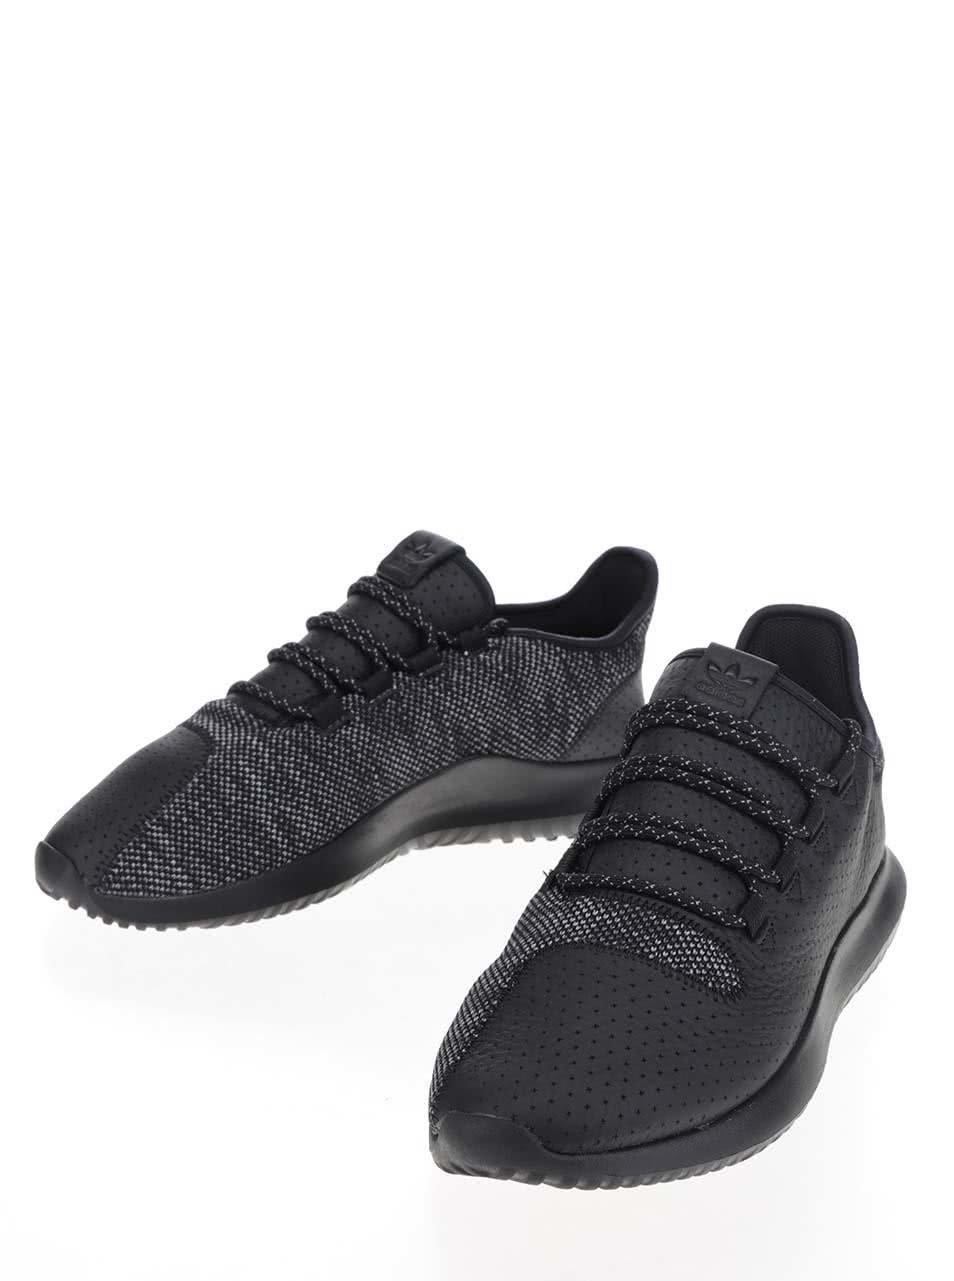 Černé pánské žíhané kožené tenisky adidas Originals Tubular Shadow ... 7ca312eef1